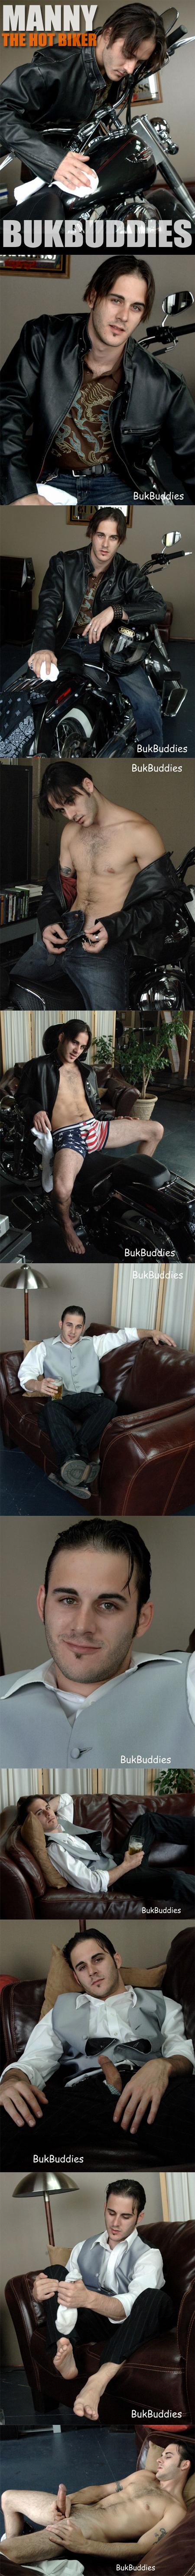 bukbuddies